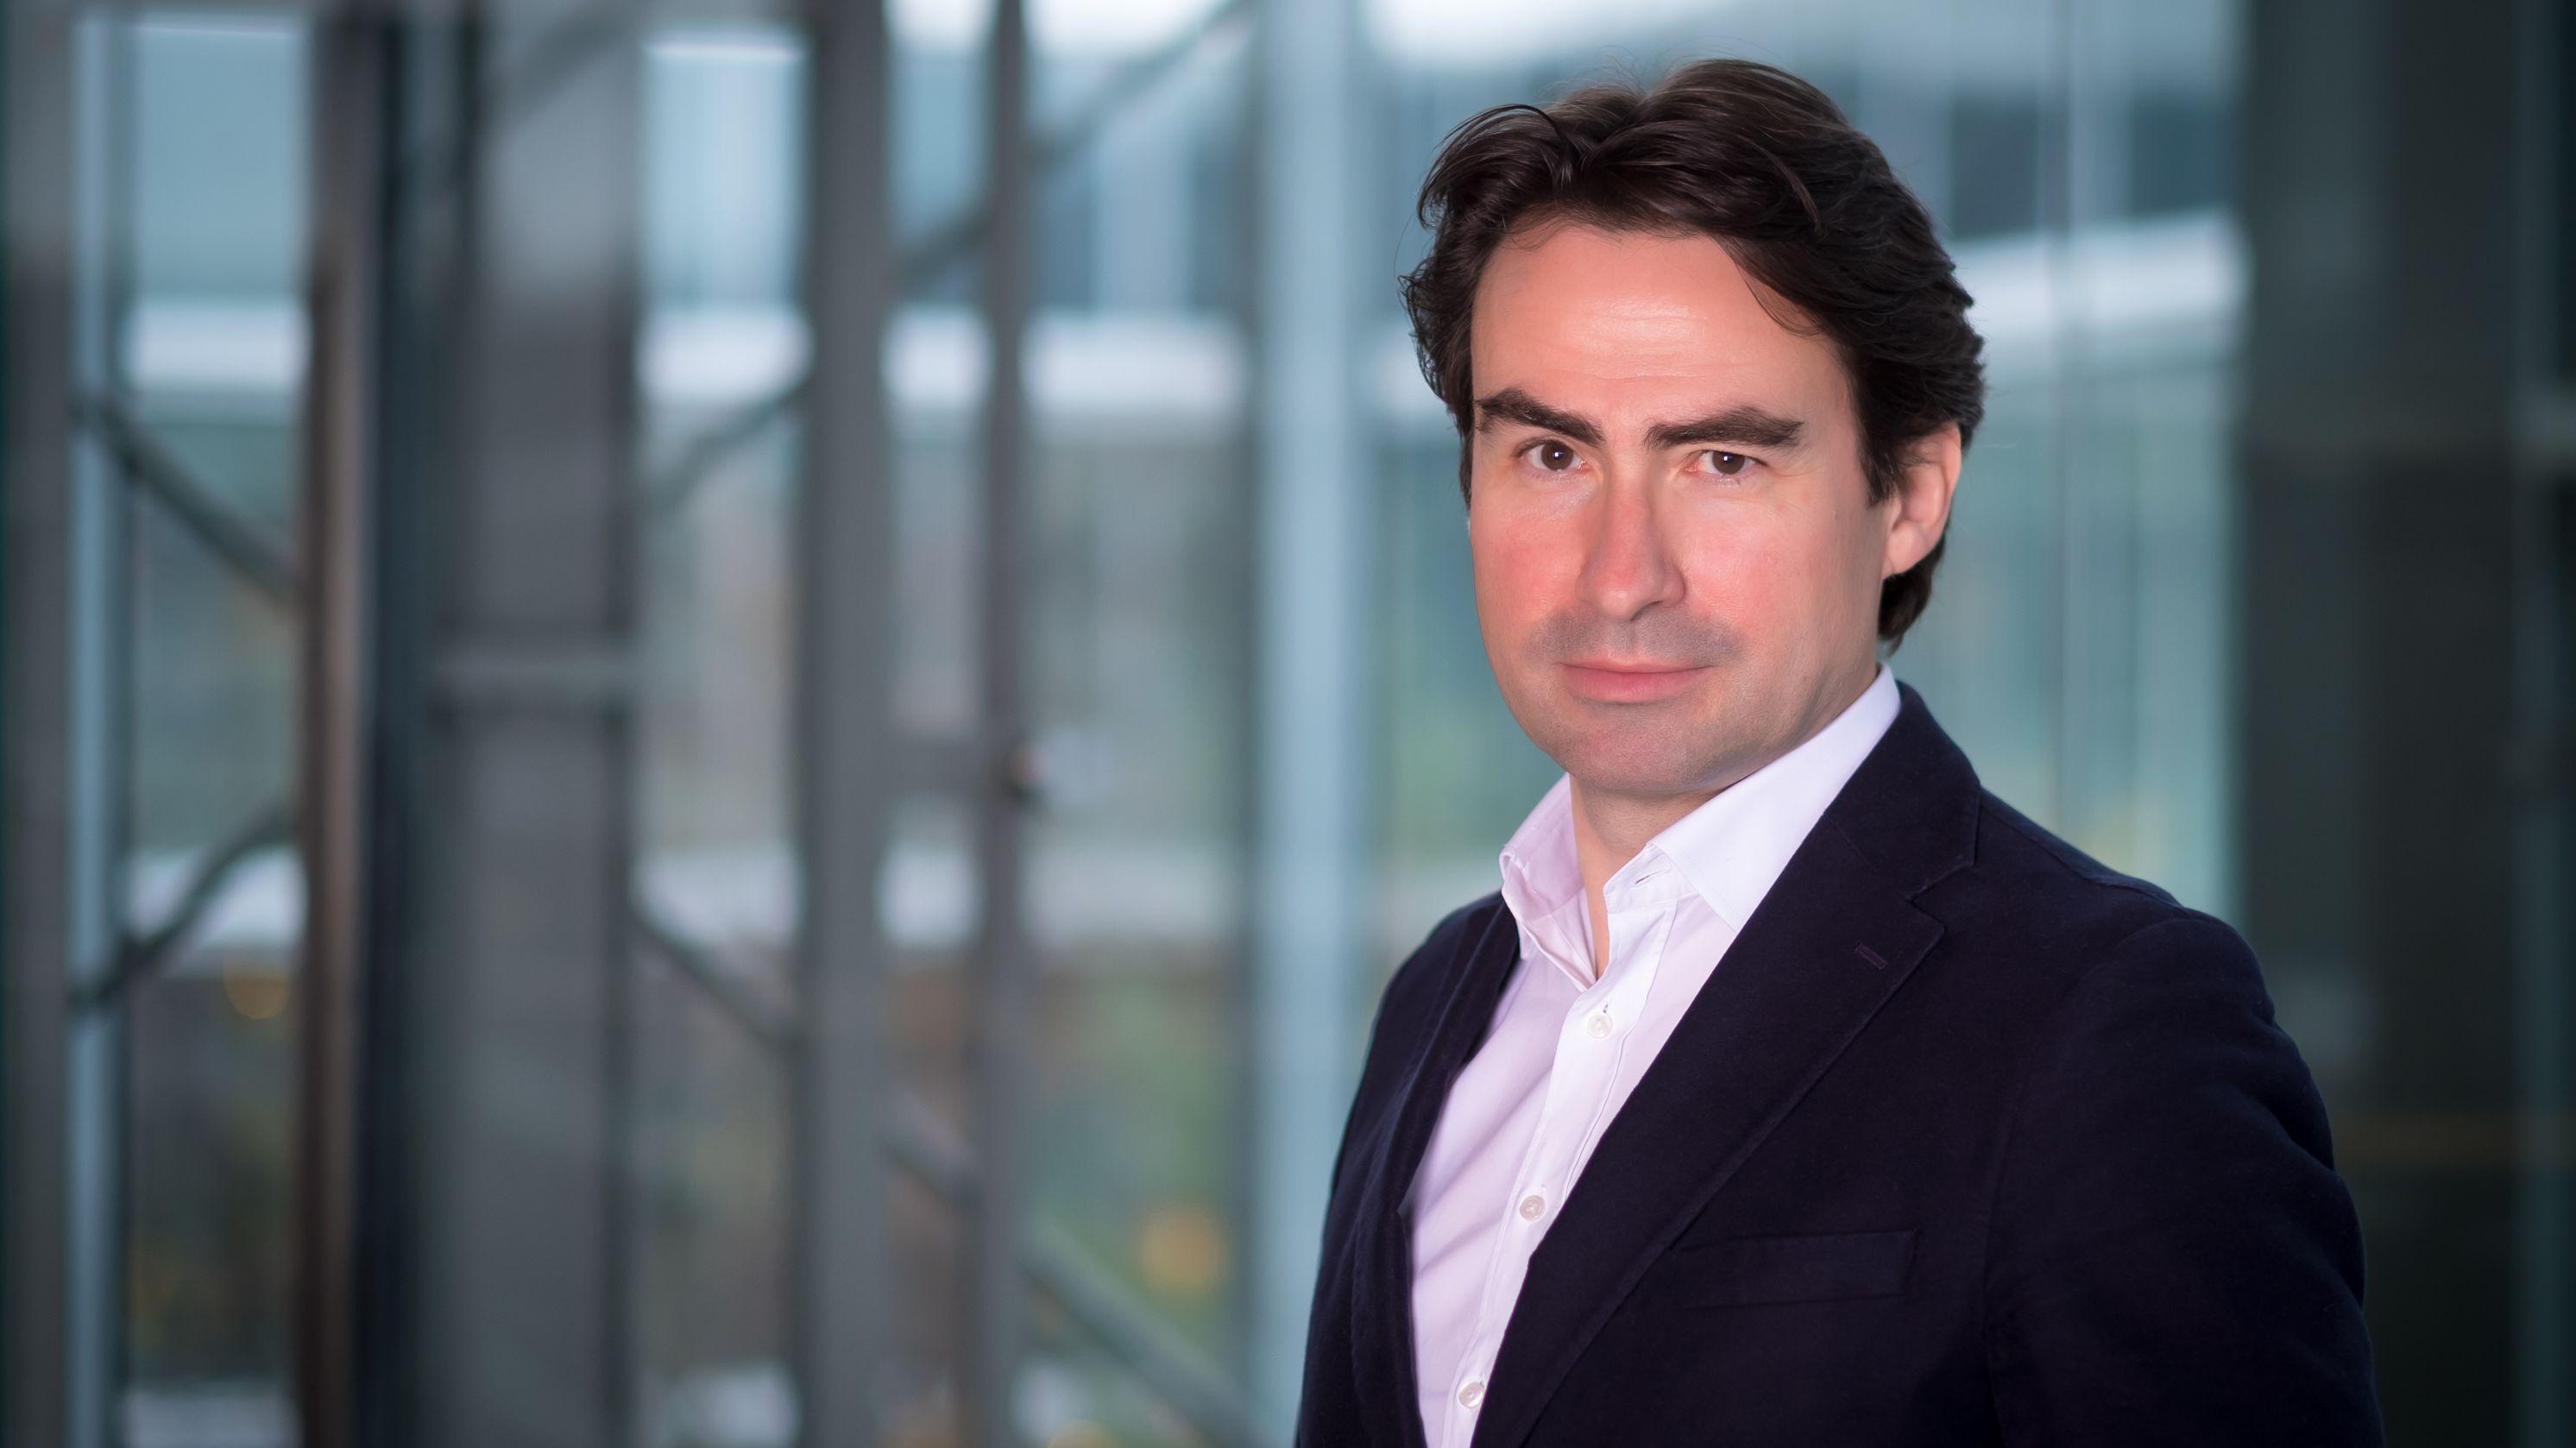 Verlage: DuMont will sich von sämtlichen Zeitungen trennen